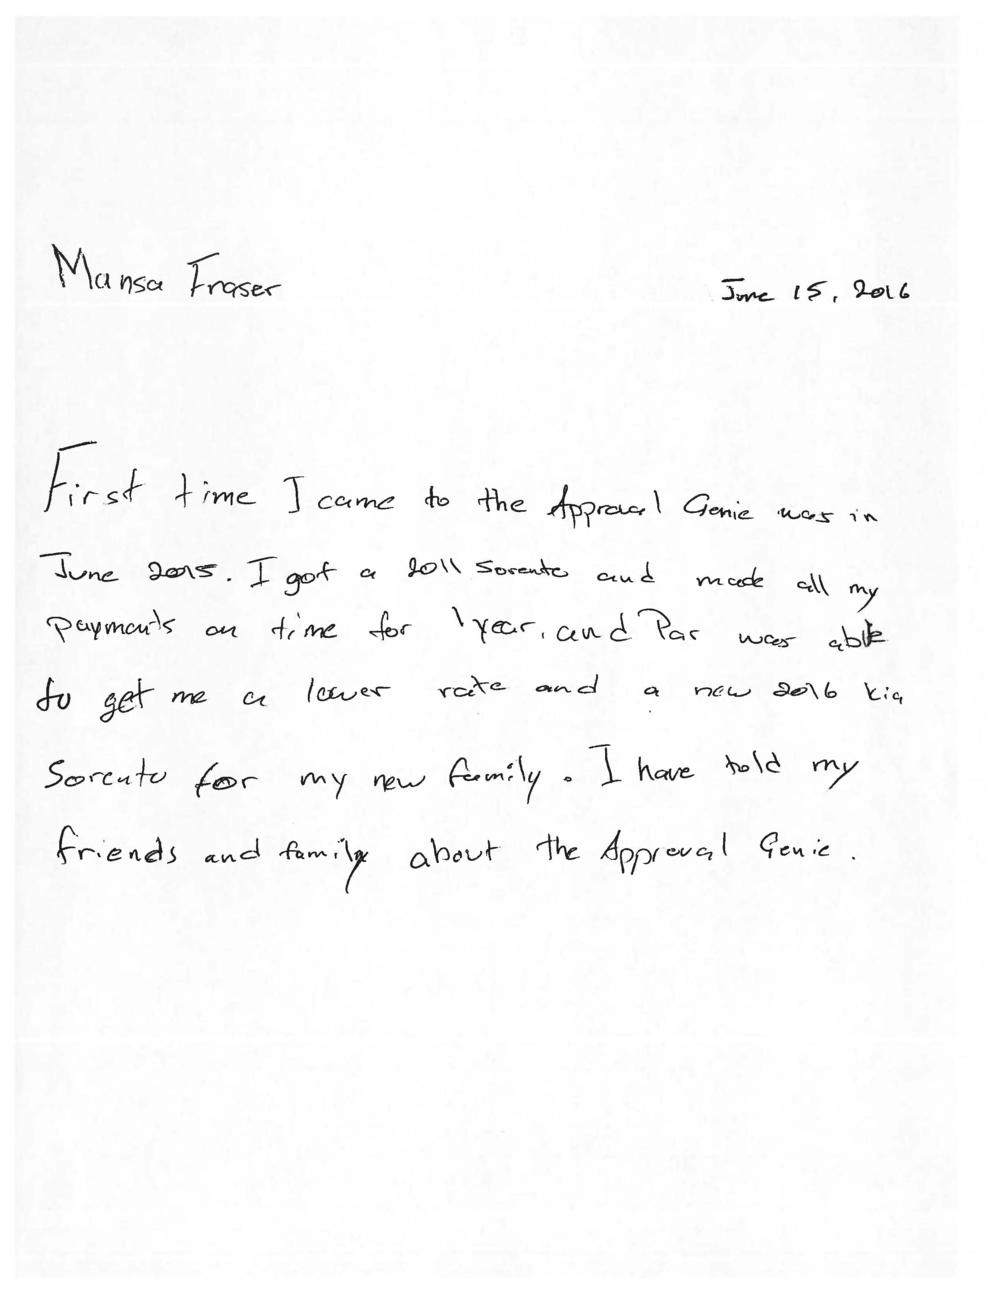 Mansa Fraser_Testimonial.jpg